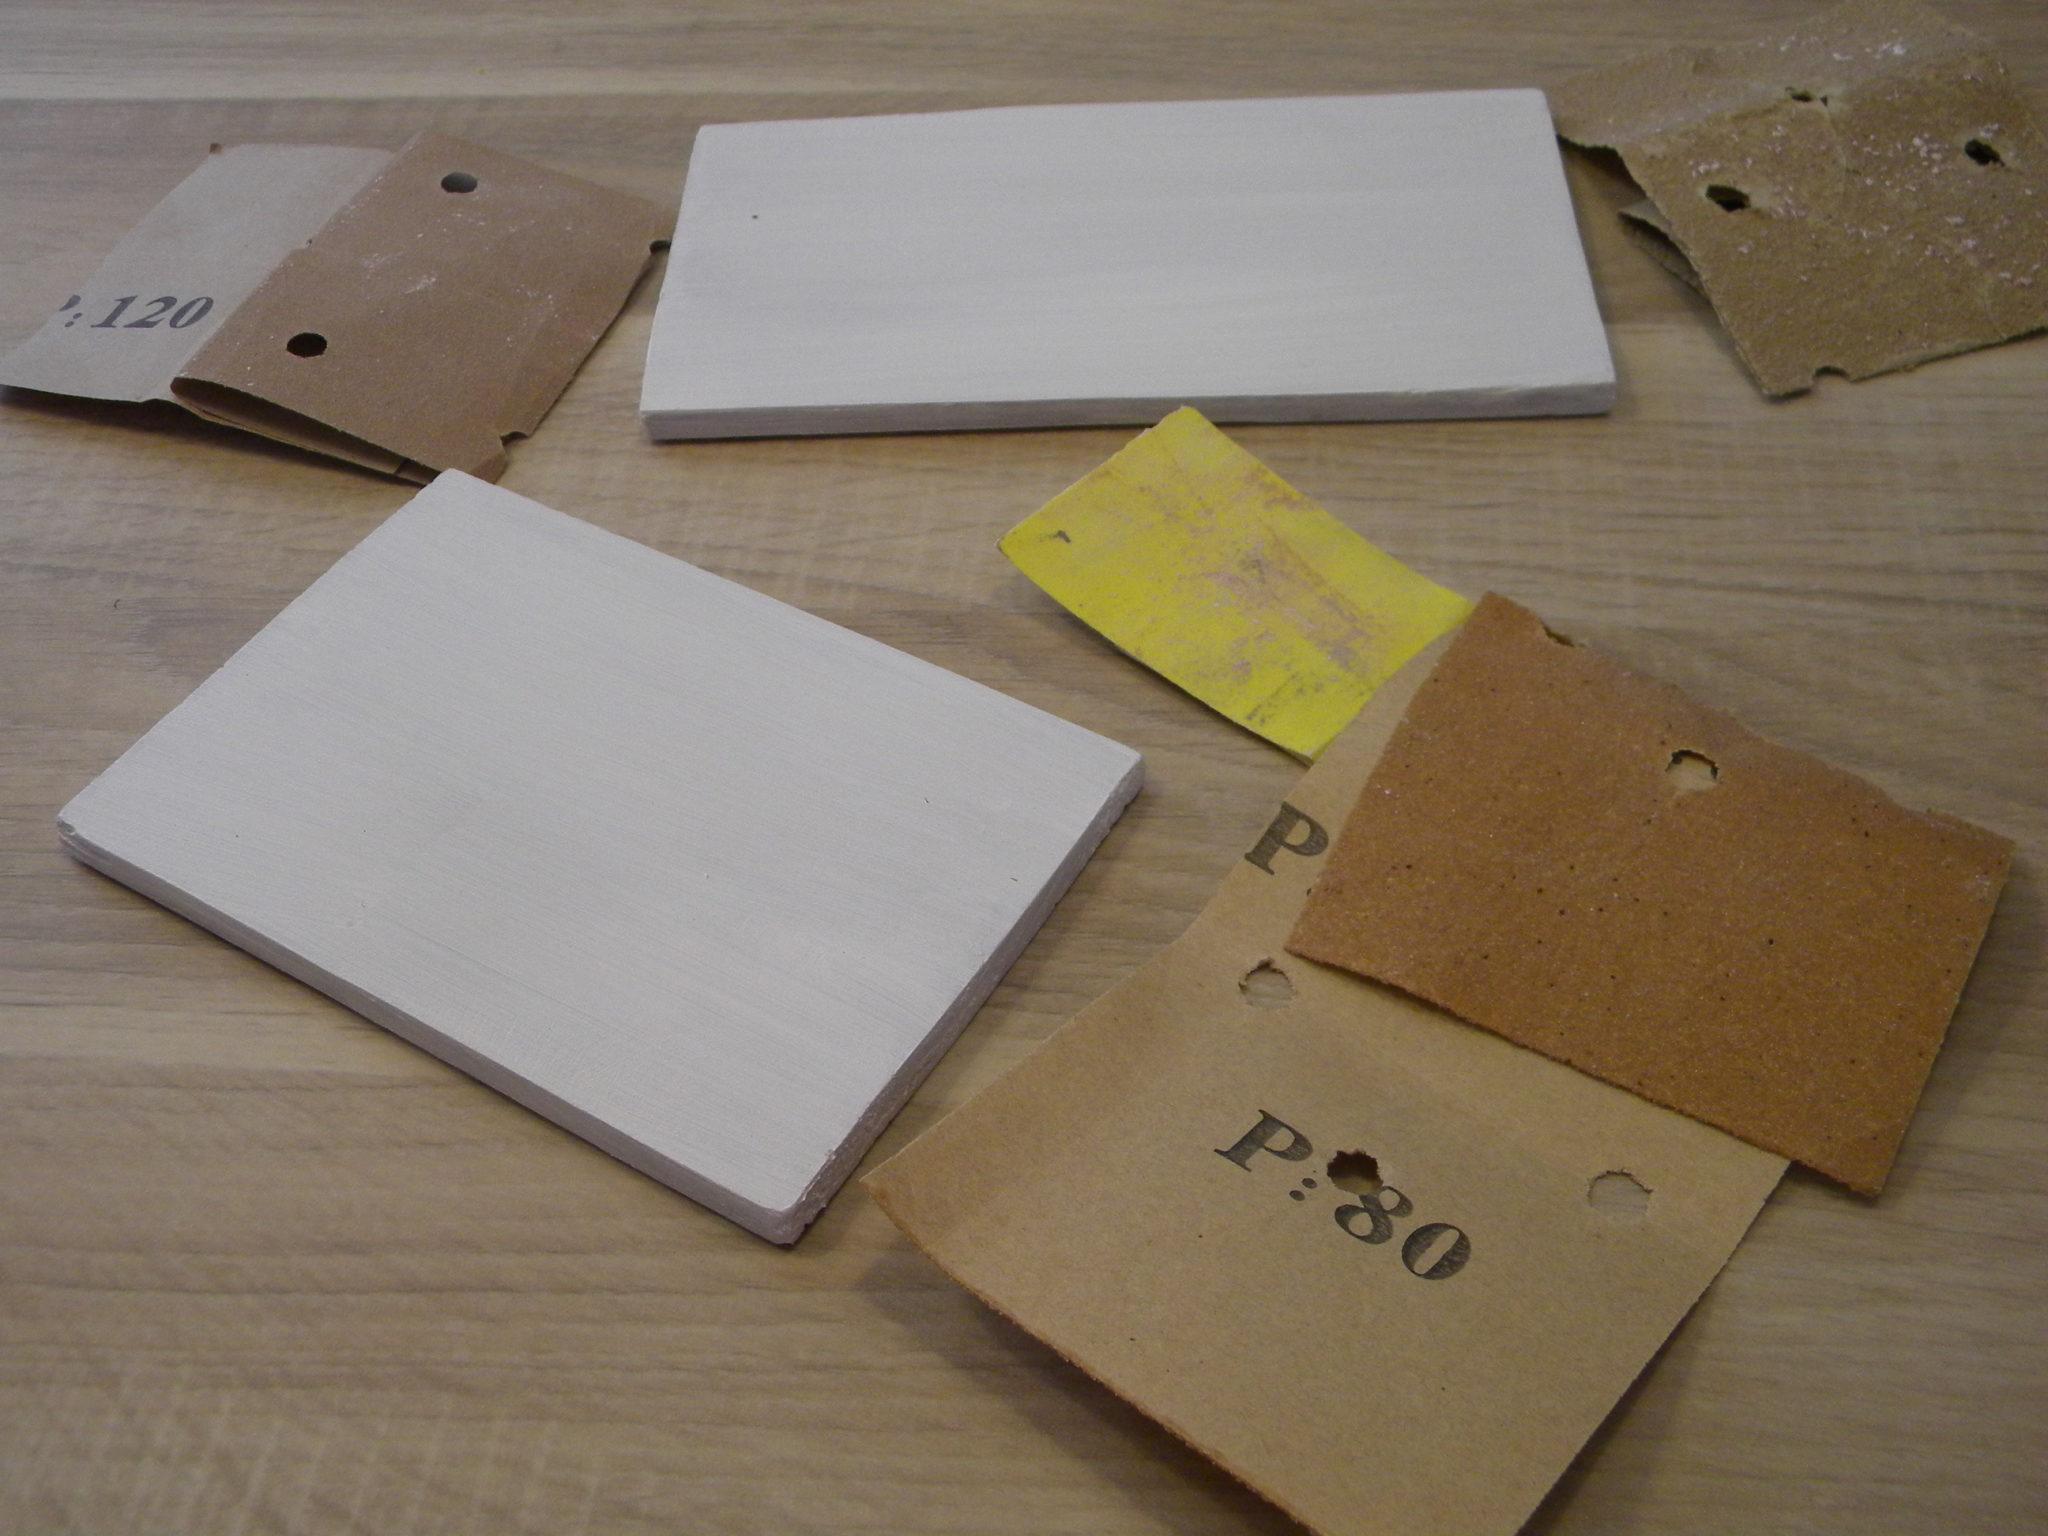 Przetrzyj deskę papierem ściernym